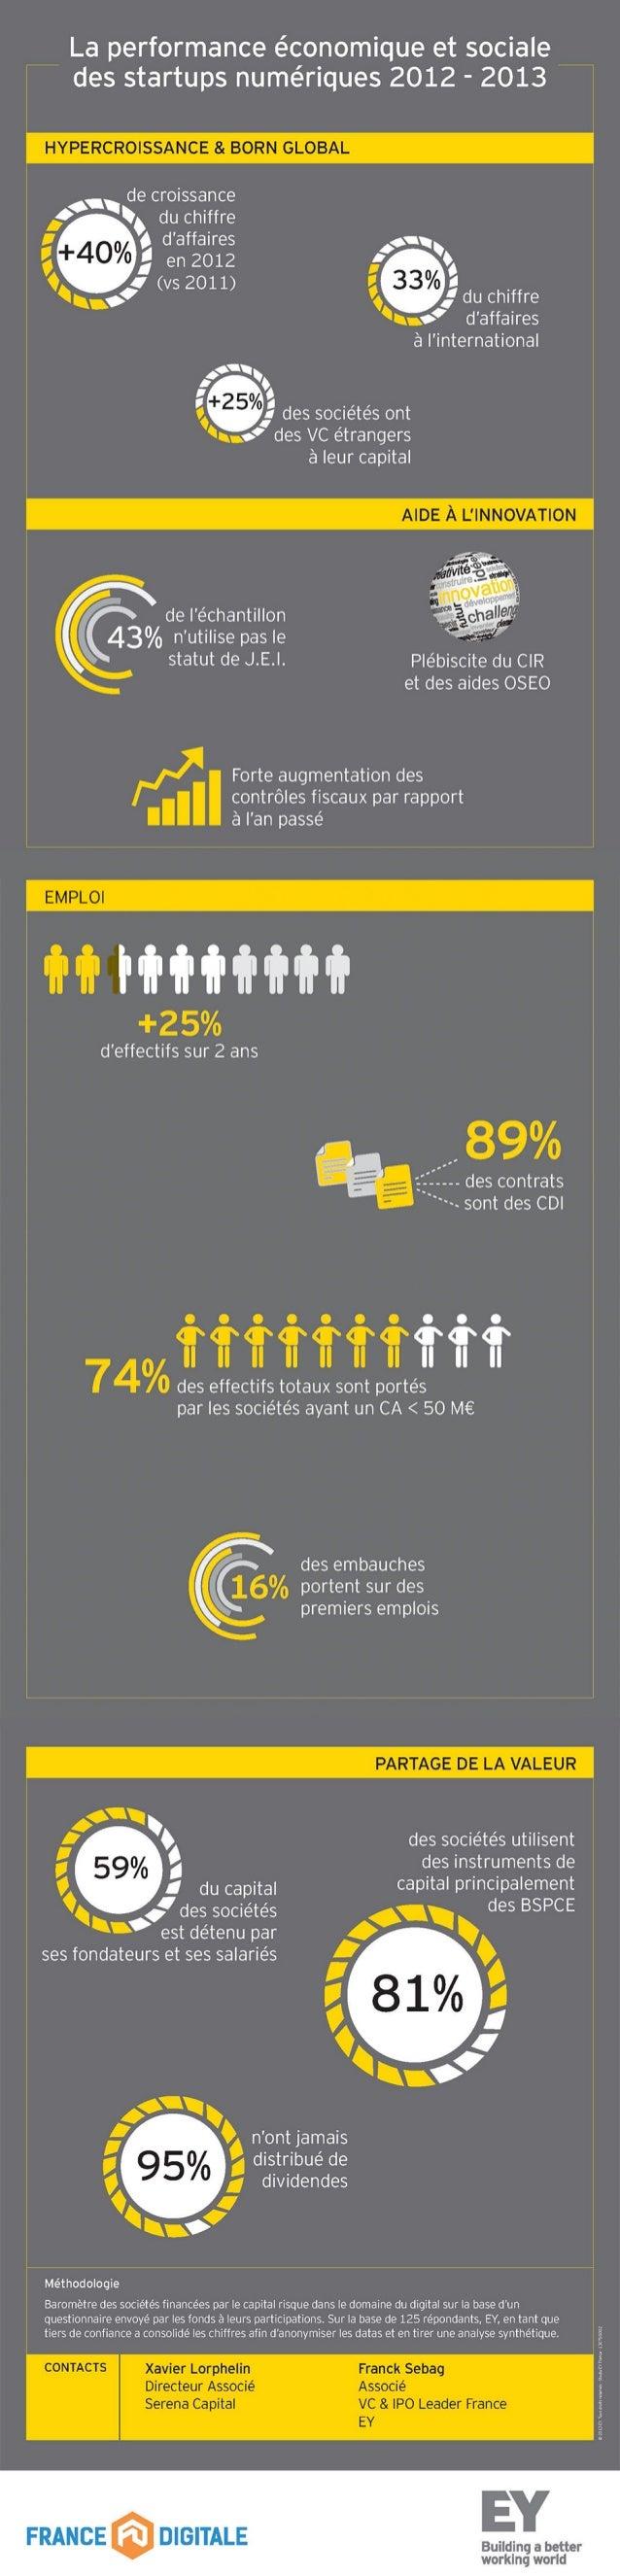 INFOGRAPHIE - Chiffres clés du baromètre de performance économique et sociale des startups numériques